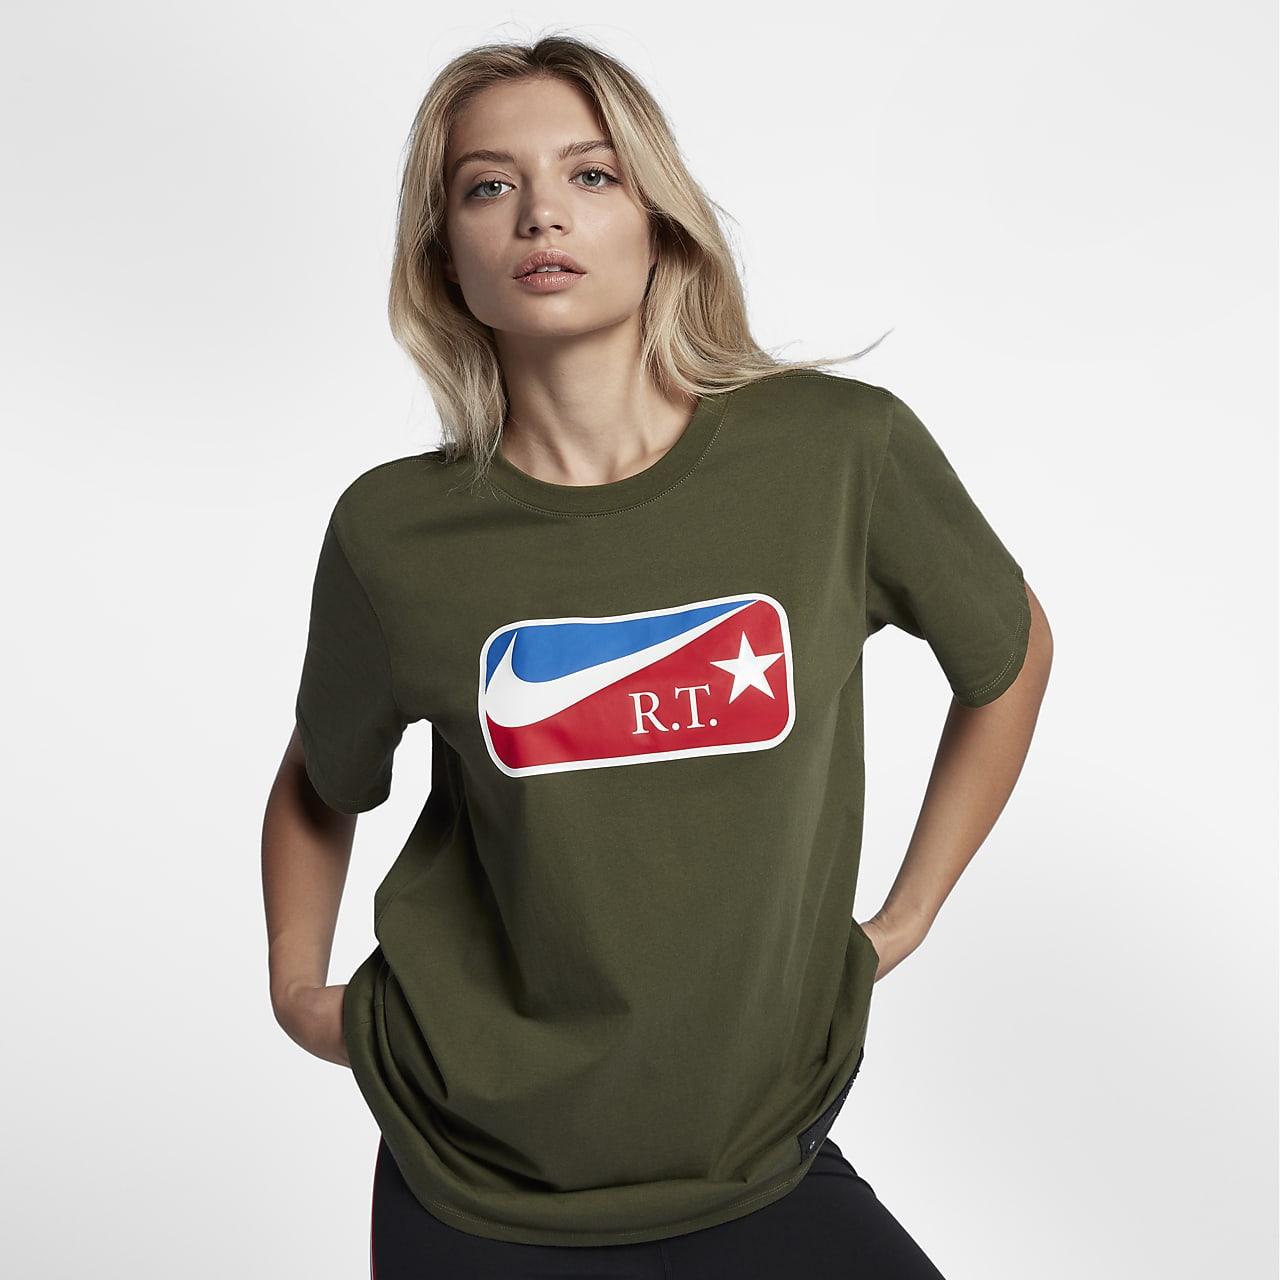 Nike x RT Women's T-Shirt